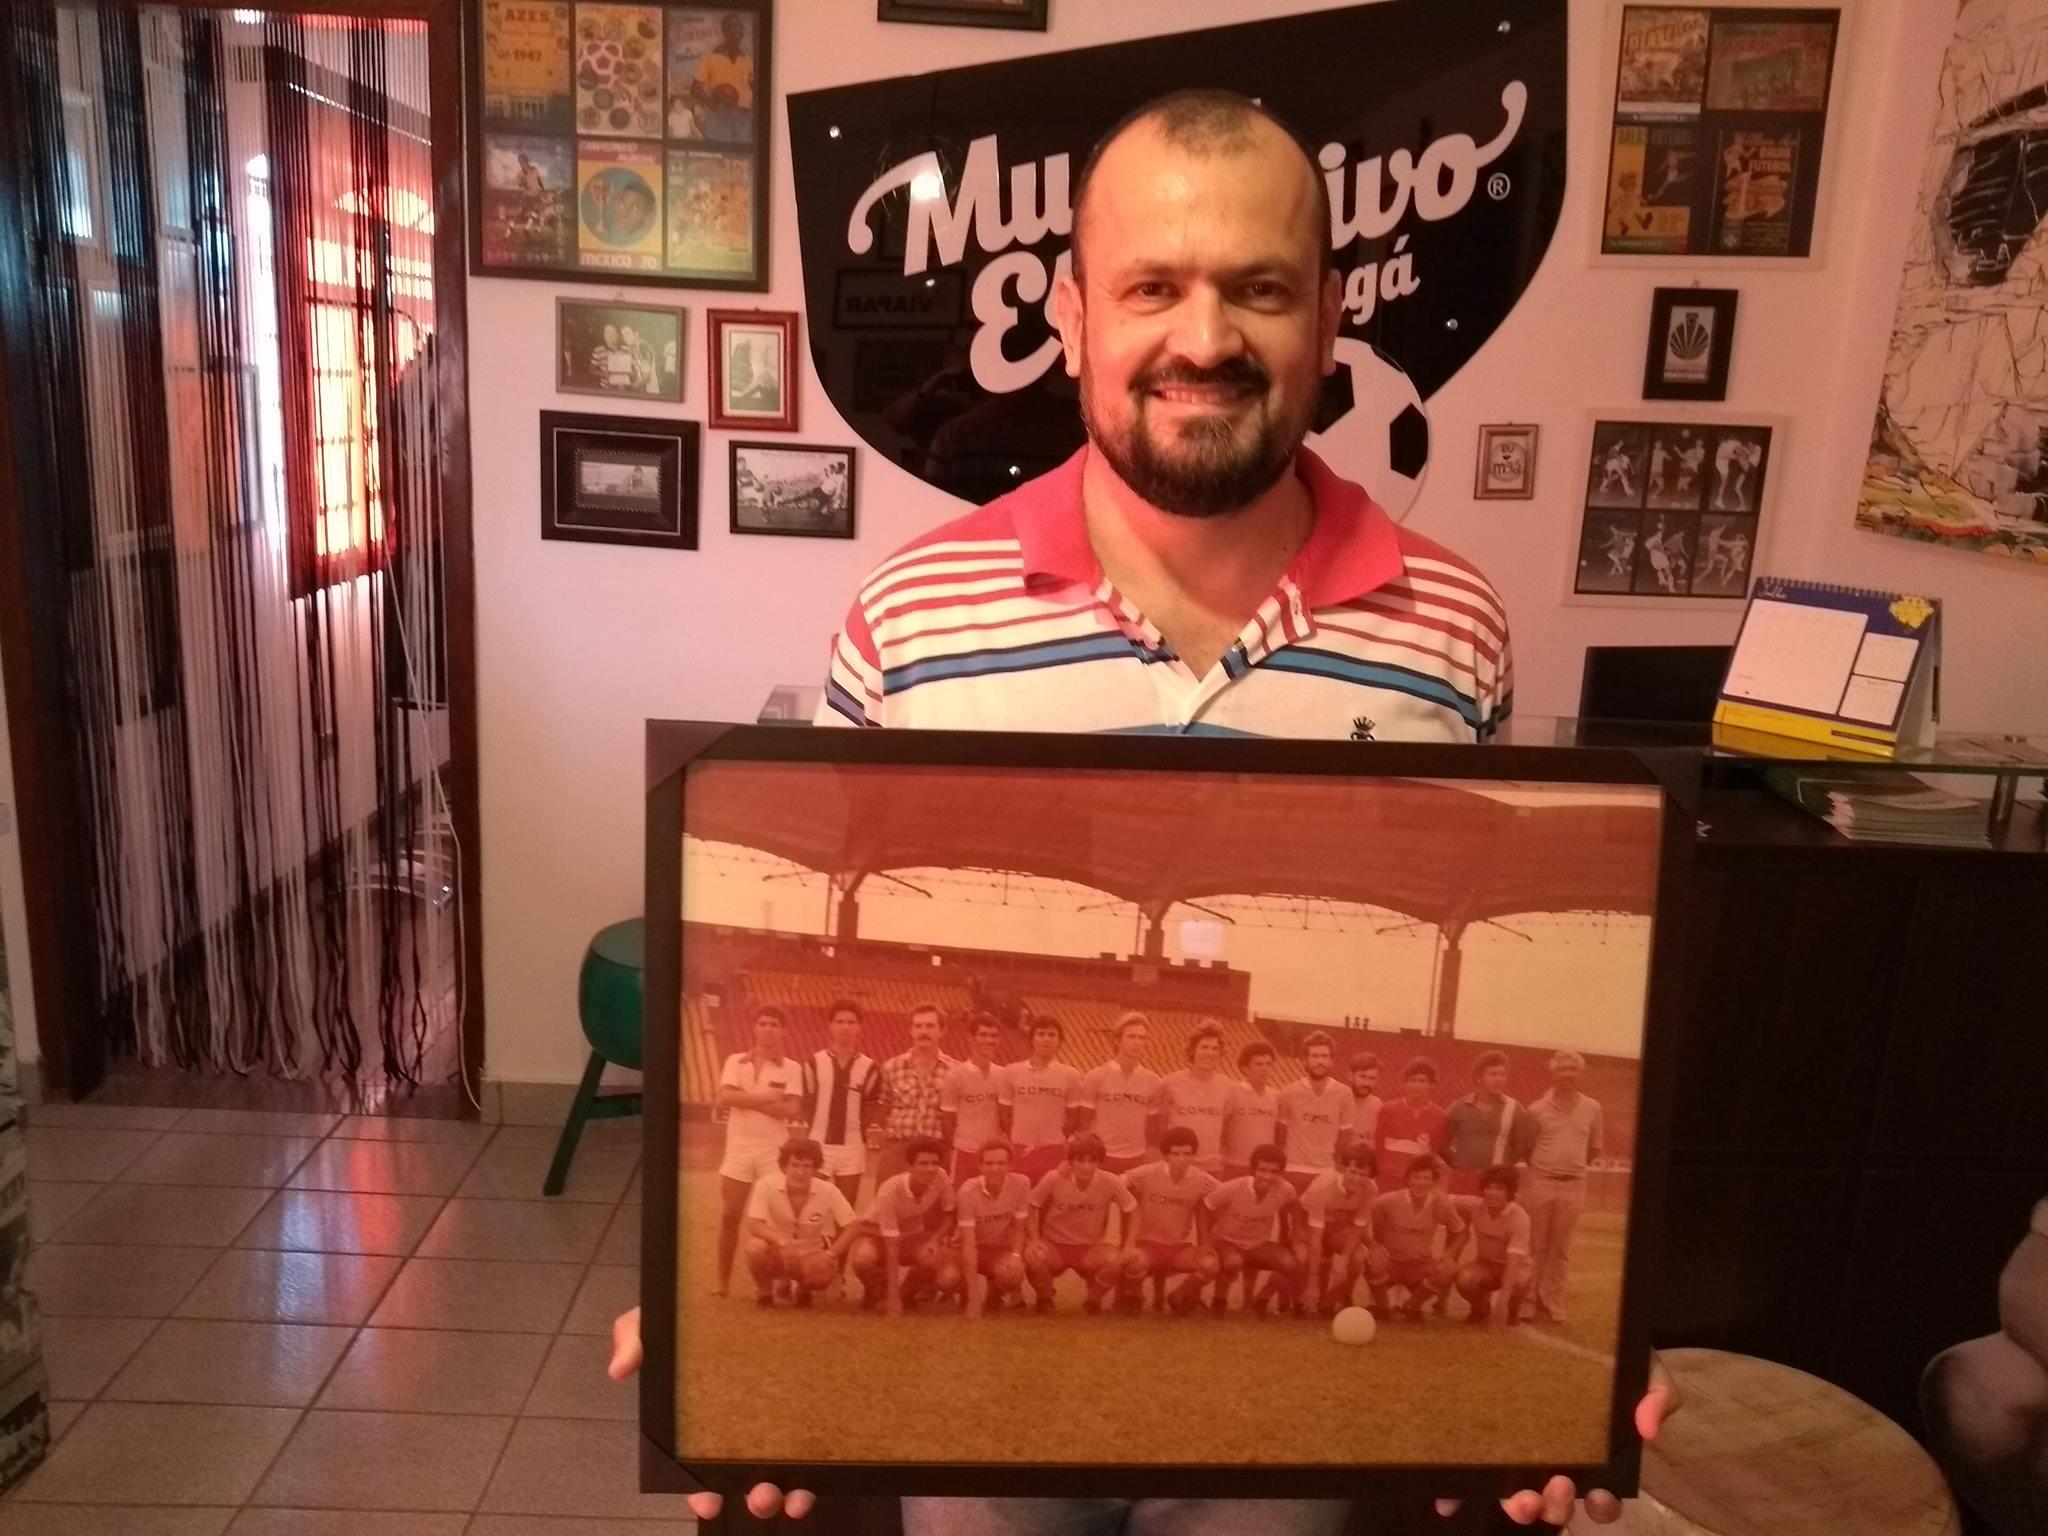 Julio Fregadolli doa quadro da equipe da Comel